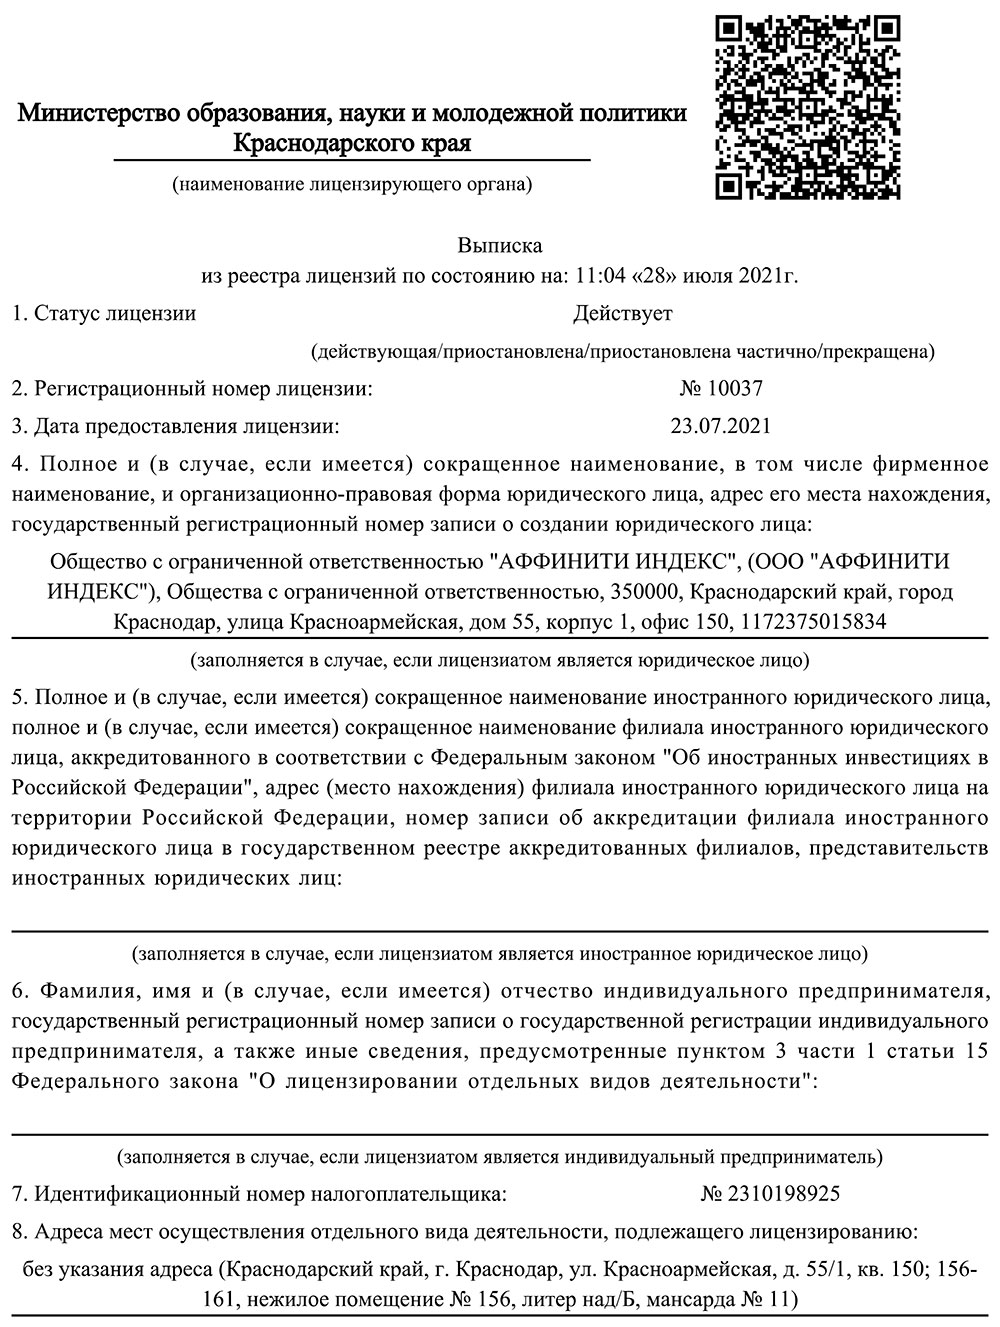 Государственная лицензия об образовательной деятельности №10037 от 23 июля 2021г.